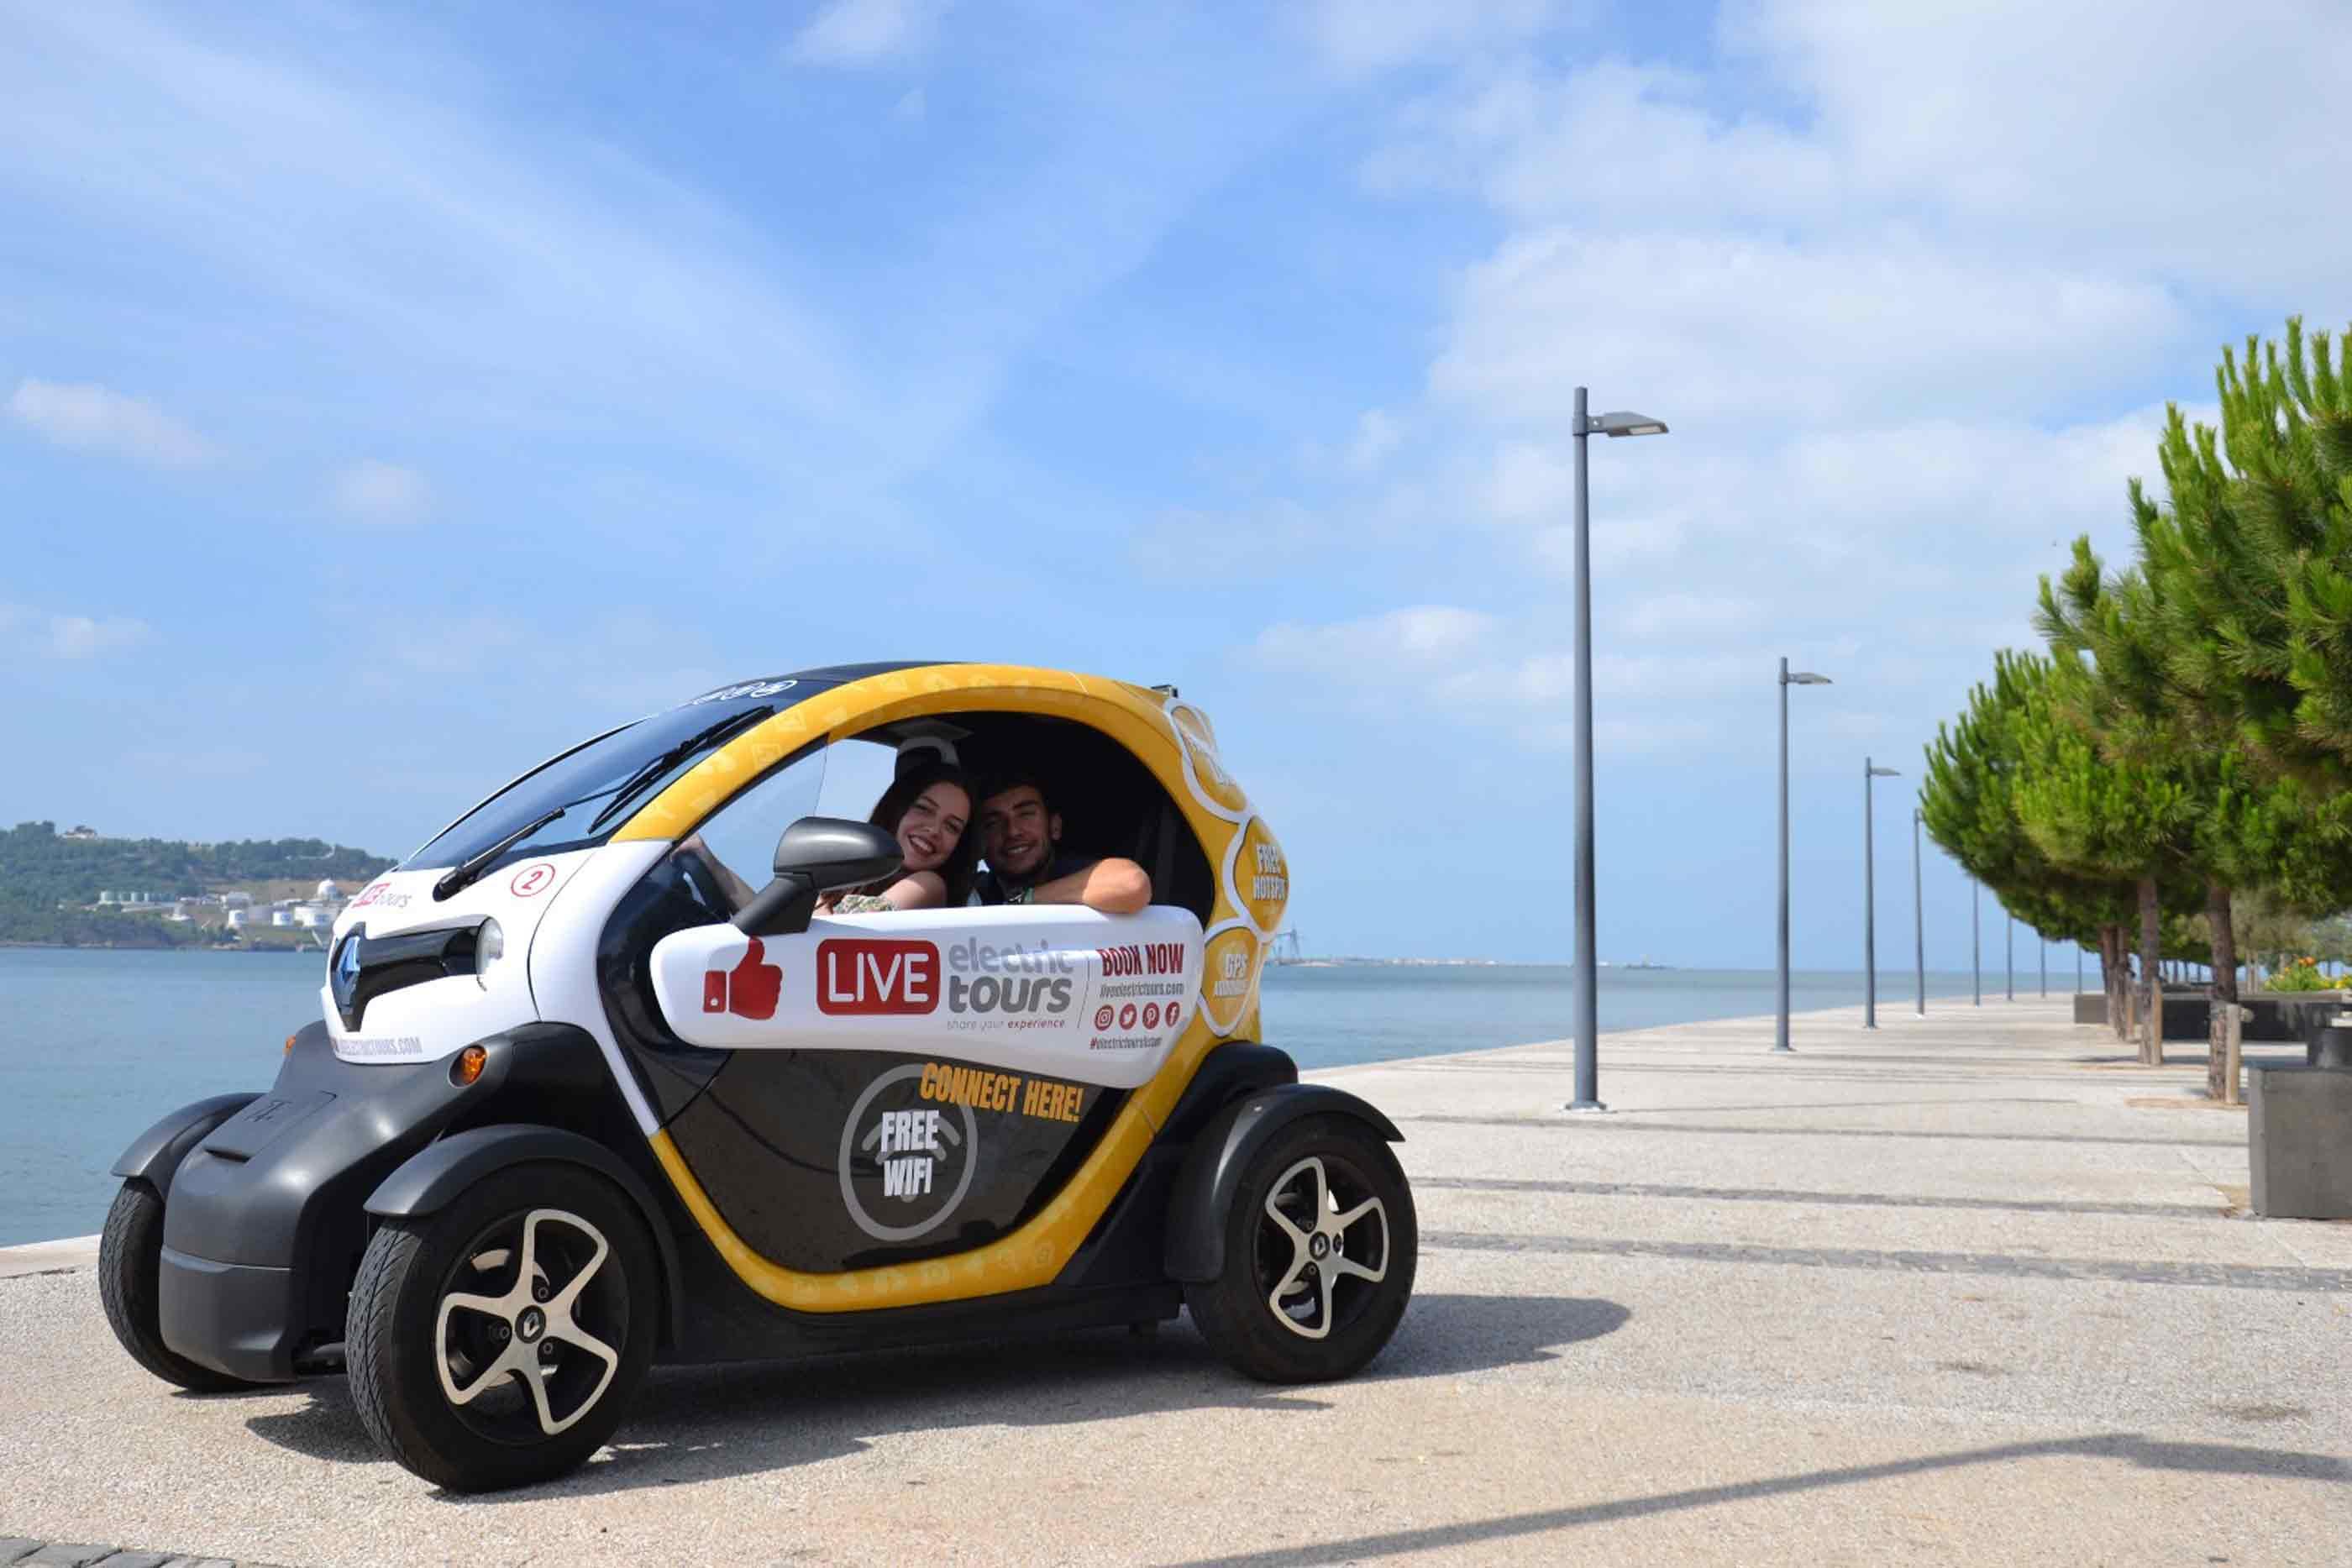 Um dos carros Live Electric Tours em passeio